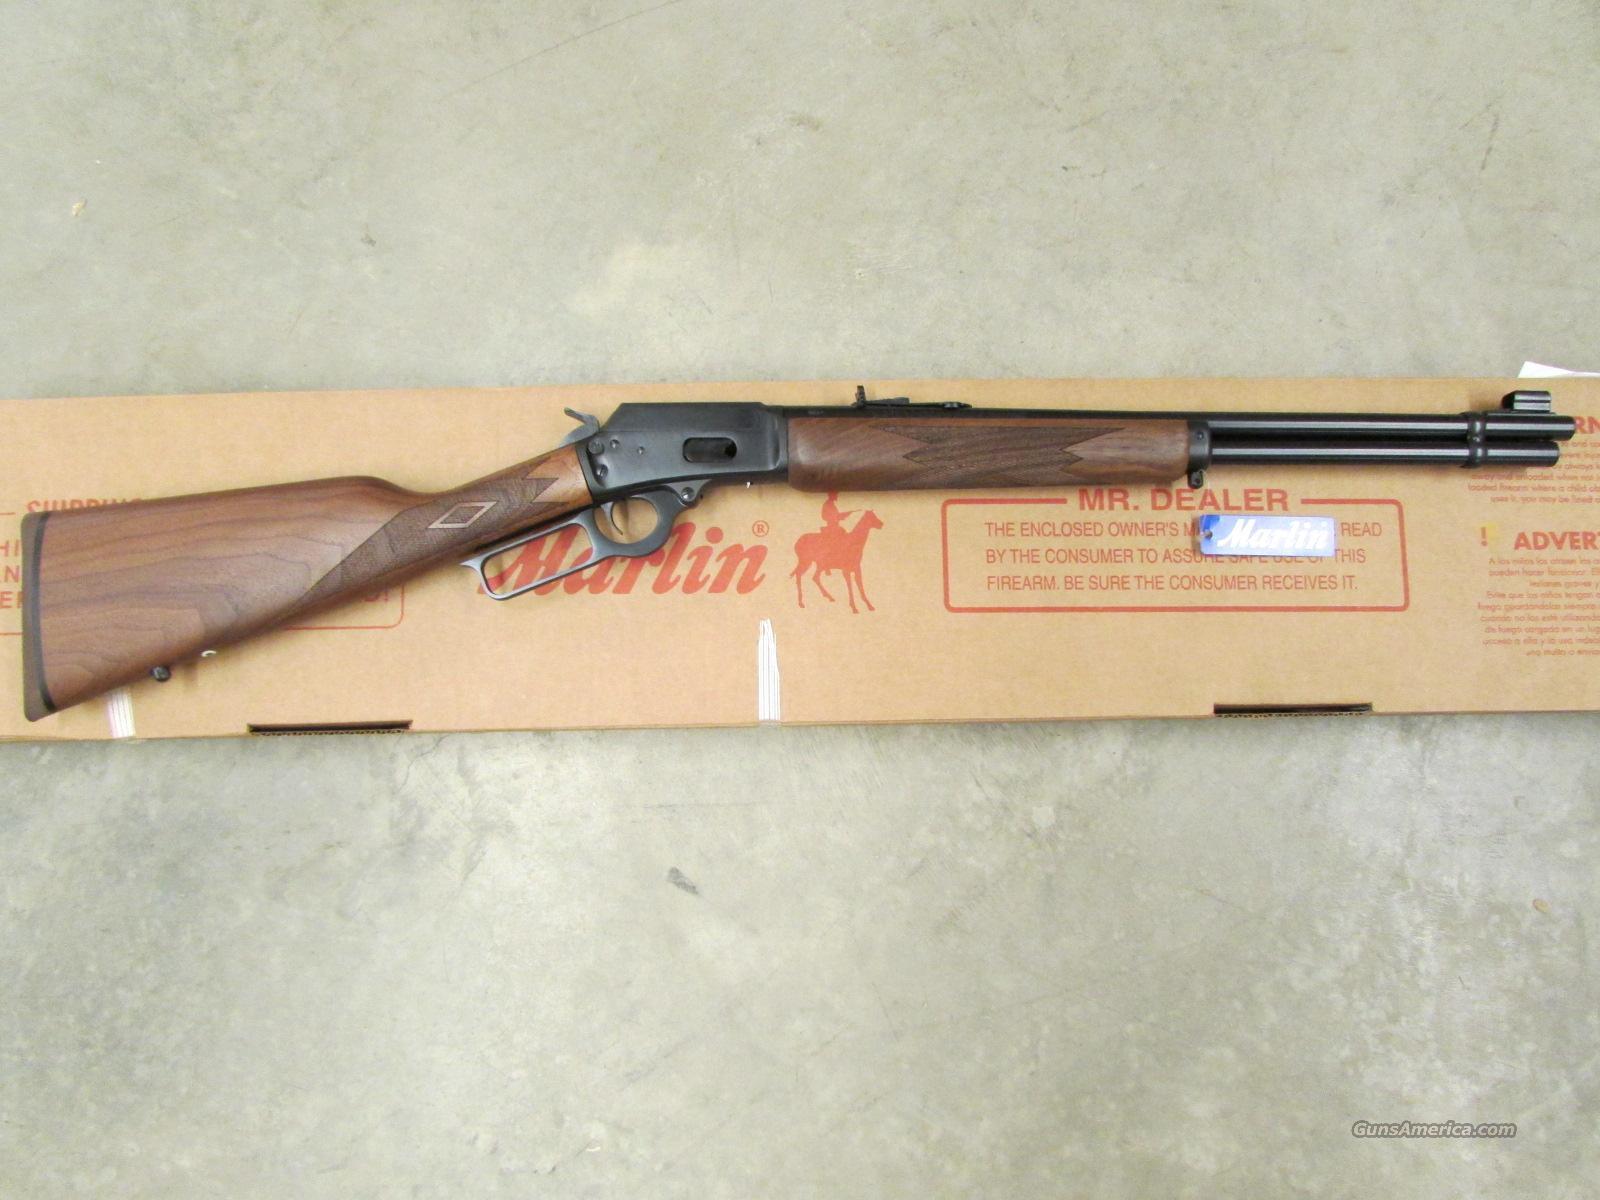 Marlin Model 1894 Lever Action Walnut Blued 20 For Sale Parts Diagram 44 Magnum 70400 Guns